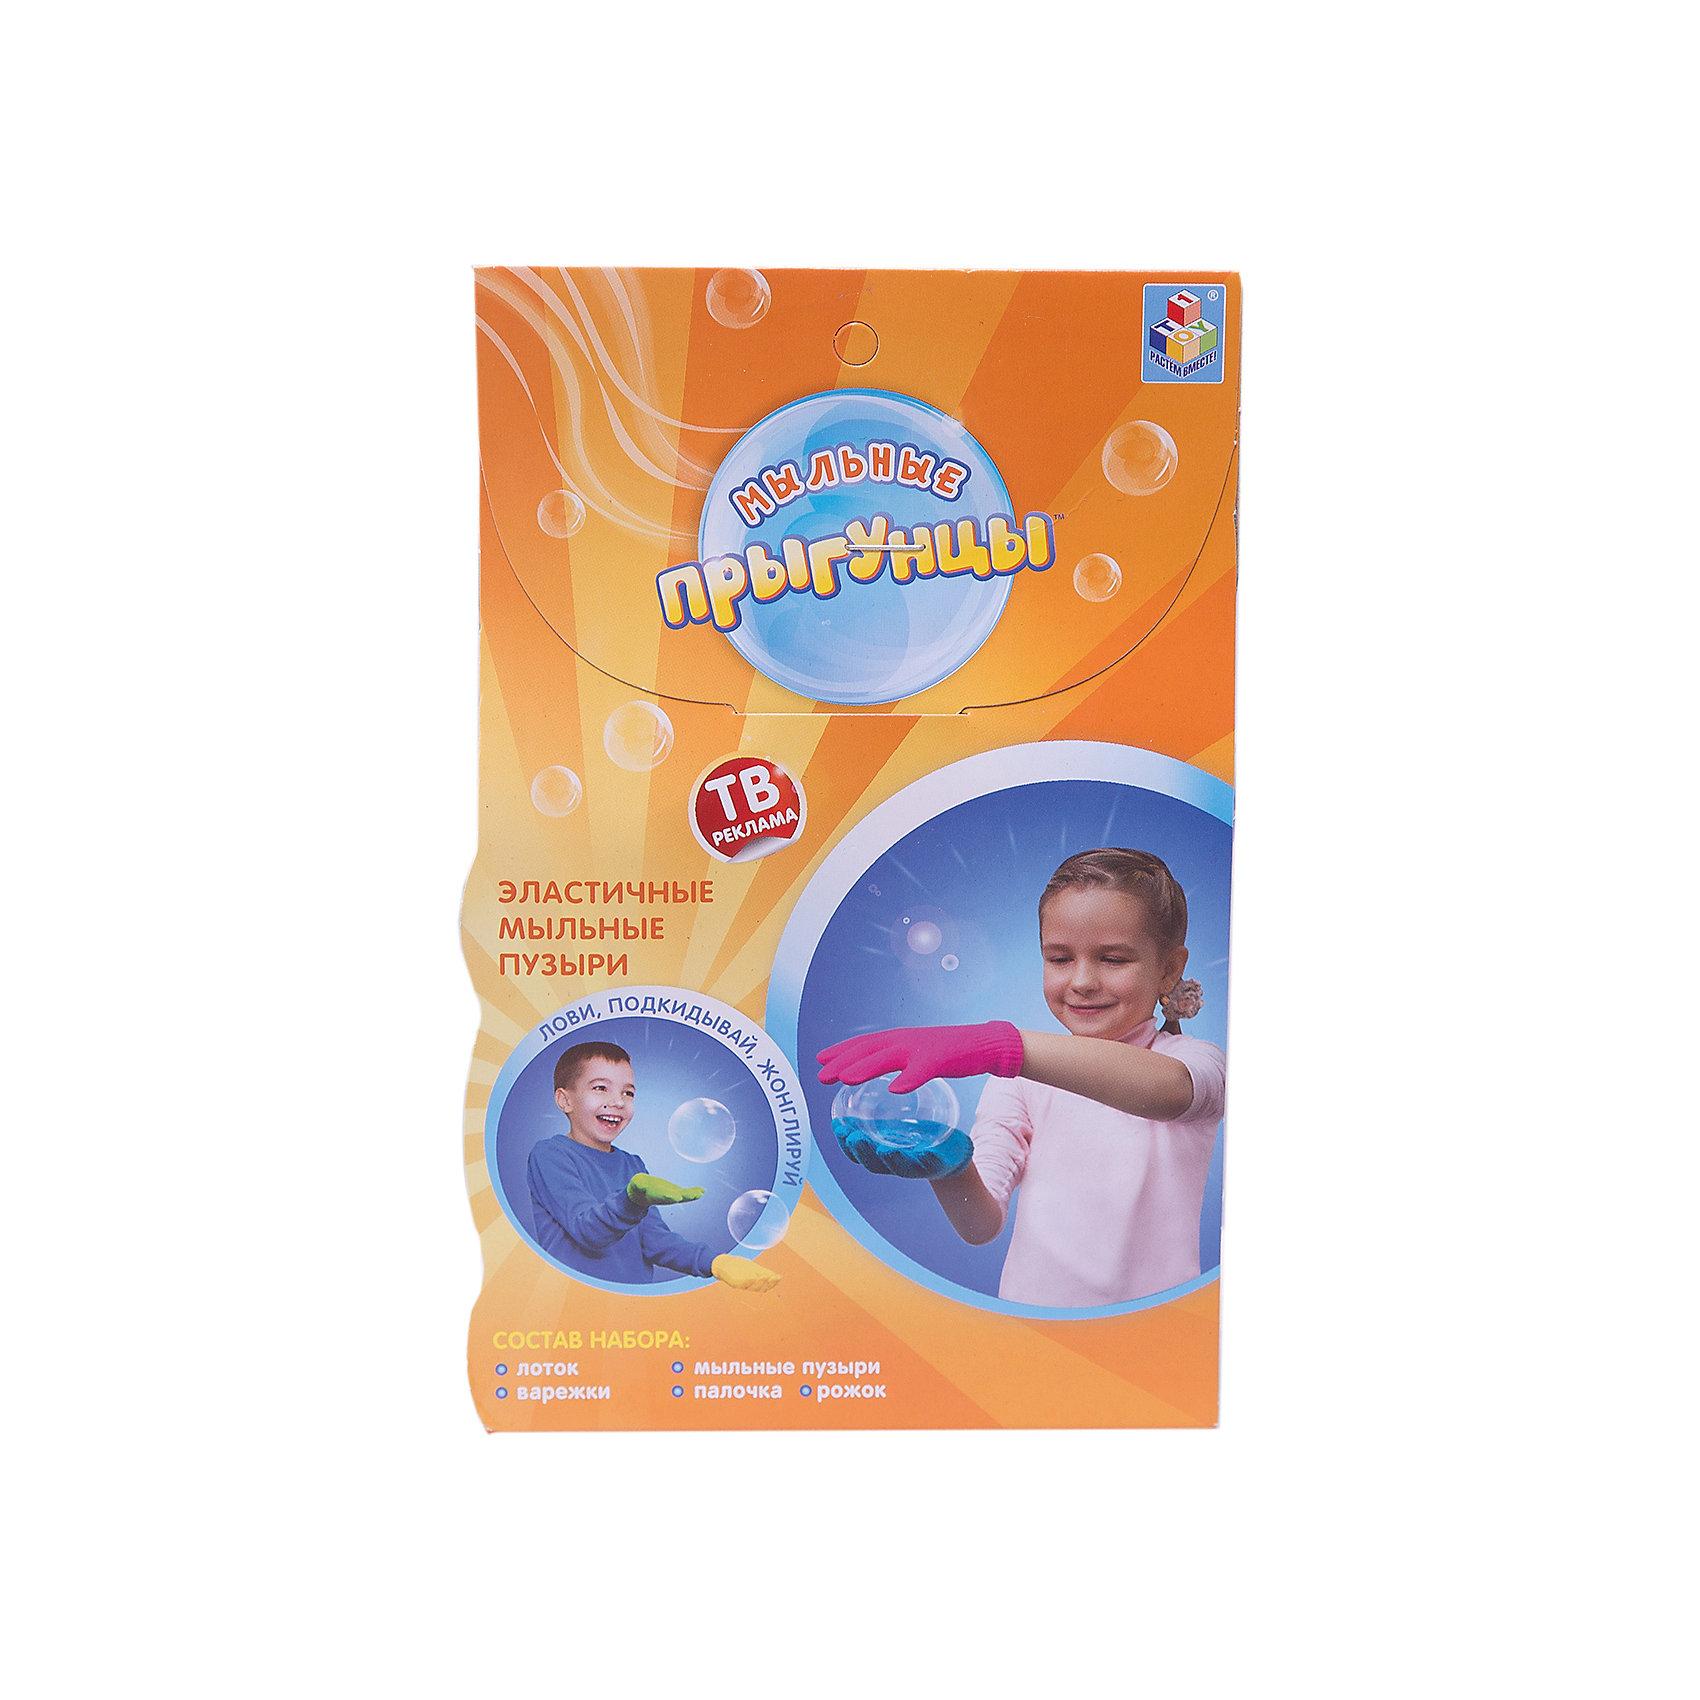 Игровой набор  Эластичные мыльные пузыри Прыгунцы, 80 мл, 1toyМыльные пузыри<br>Мыльные Прыгунцы - эластичные пузыри, с которыми весело играть, ловить, подкидывать и жонглировать! Благодаря волшебной мыльной жидкости и перчаткам мыльные пузыри не лопаются в руке. Подкидывайте пузырь, жонглируйте, удивляйте друзей! Играть Мыльными Прыгунцами можно как дома, так и на улице в безветренную погоду!<br><br>Ширина мм: 190<br>Глубина мм: 50<br>Высота мм: 125<br>Вес г: 164<br>Возраст от месяцев: 36<br>Возраст до месяцев: 192<br>Пол: Мужской<br>Возраст: Детский<br>SKU: 4767361